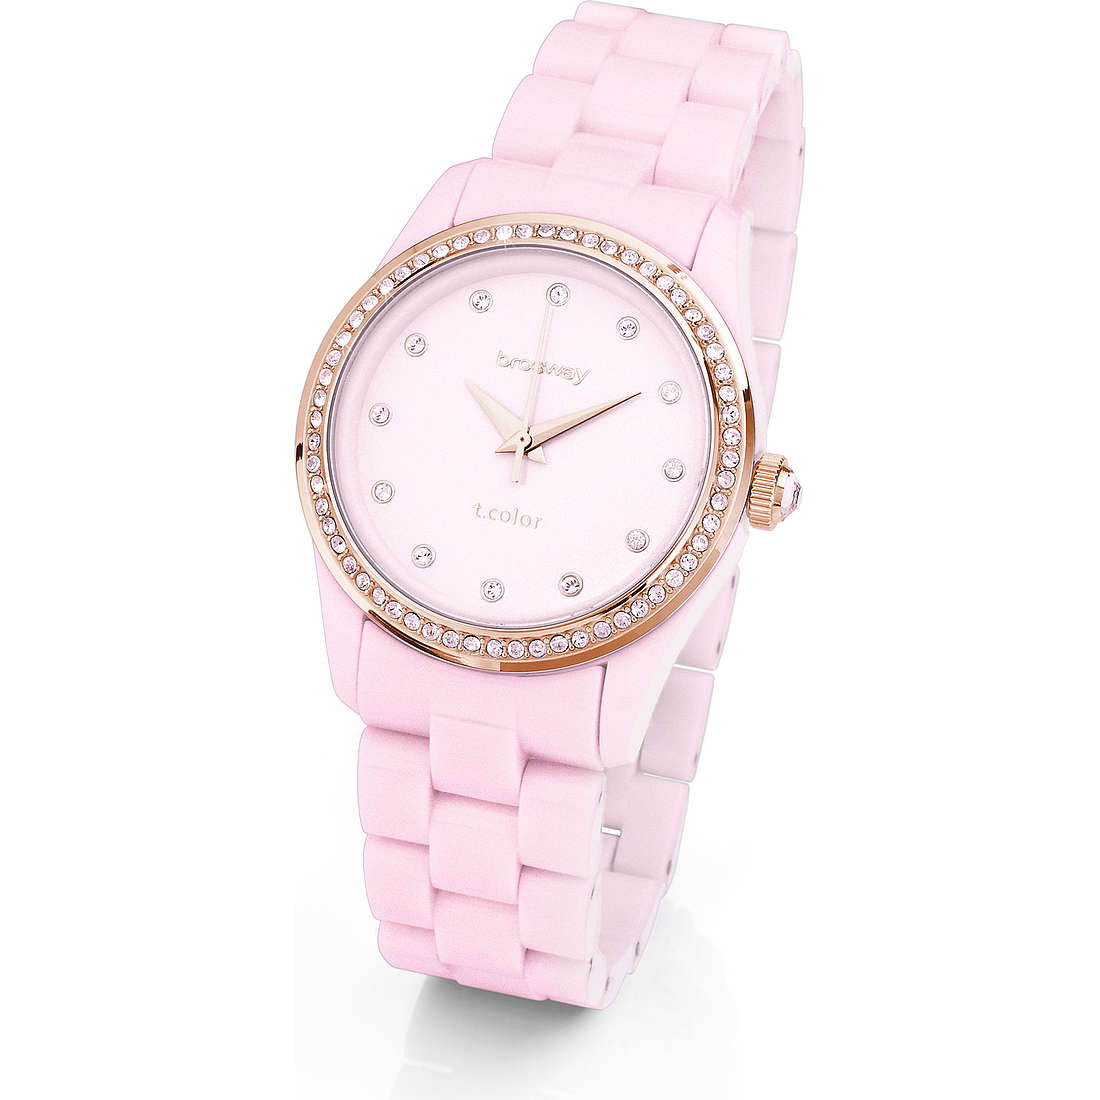 orologio solo tempo donna Brosway T-Color WTC27